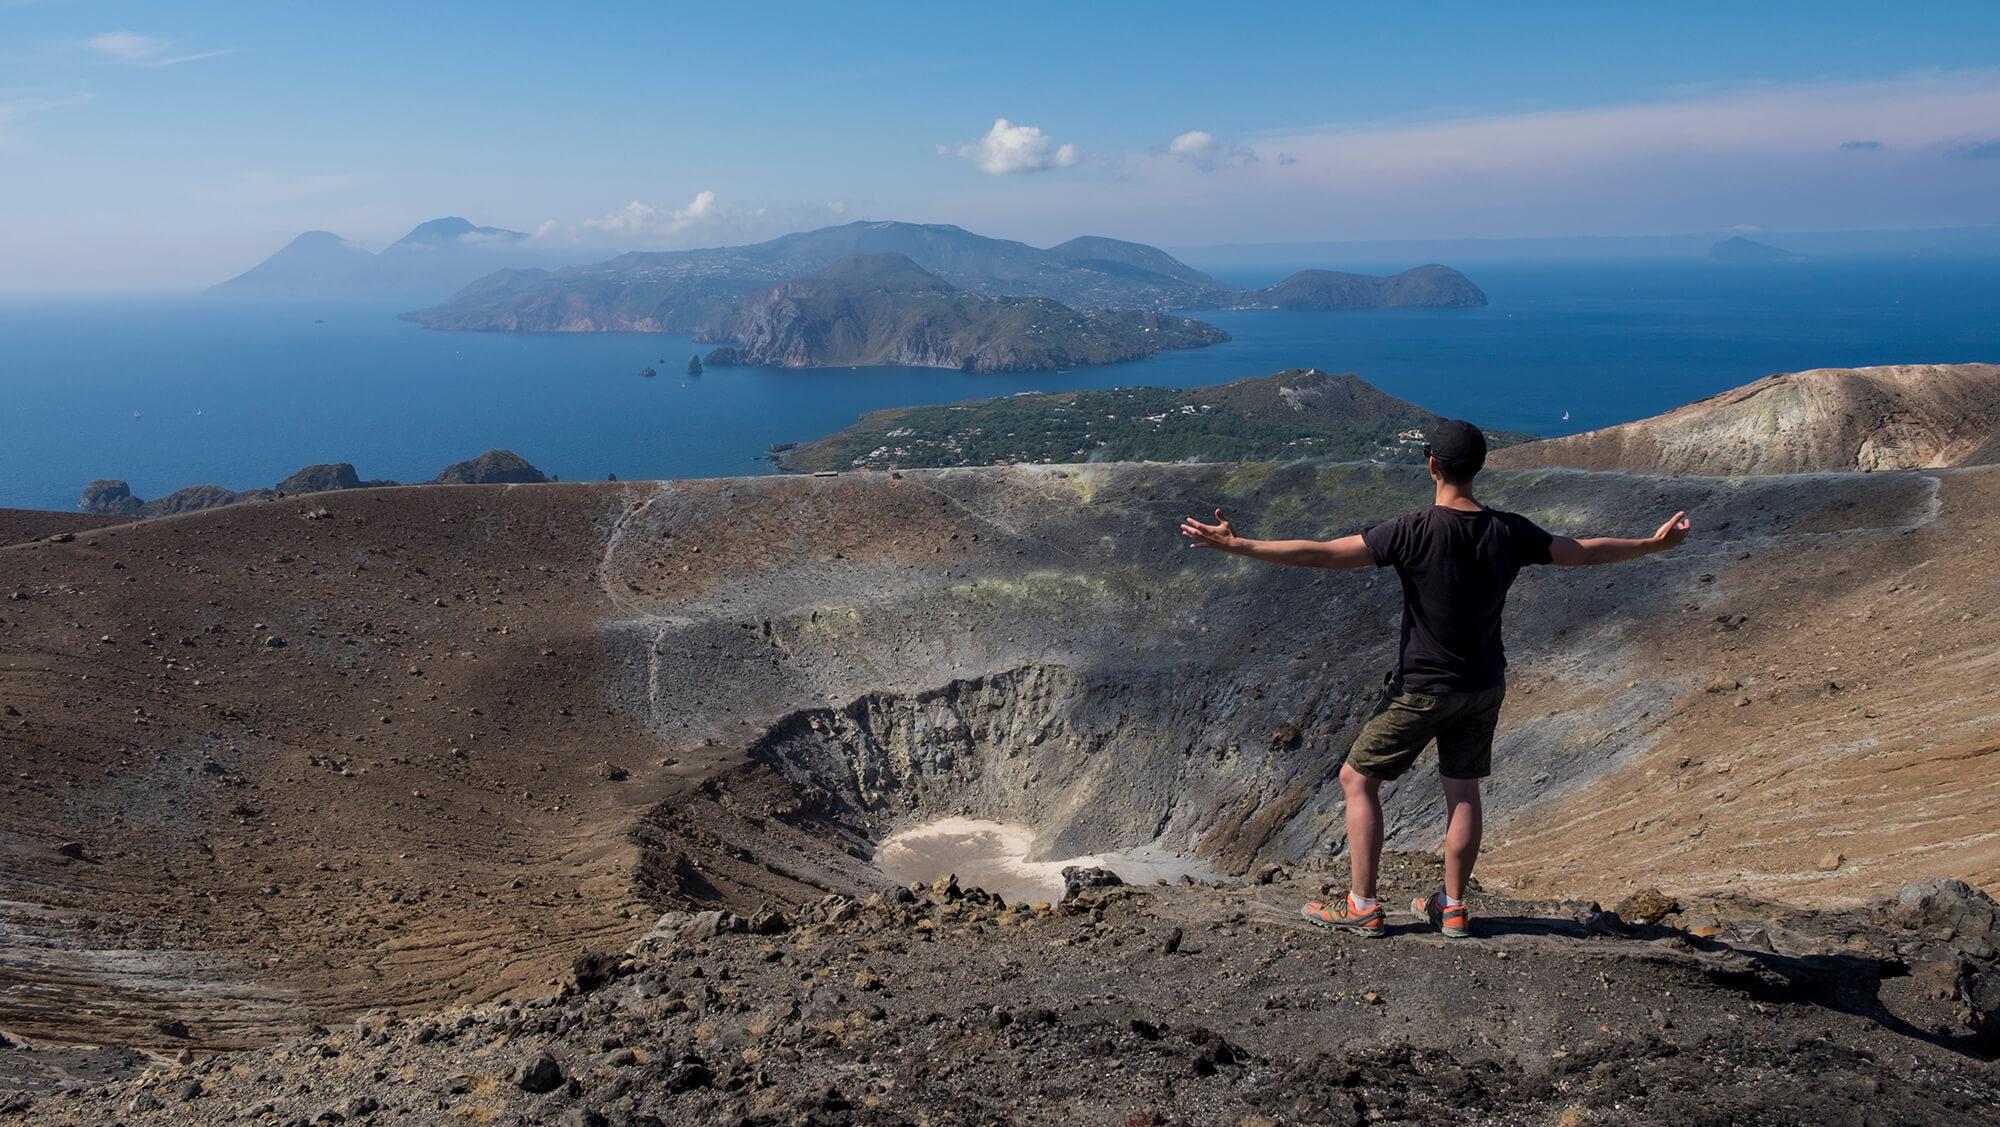 El volcán Vulcano en las Islas Eolias del Mediterráneo